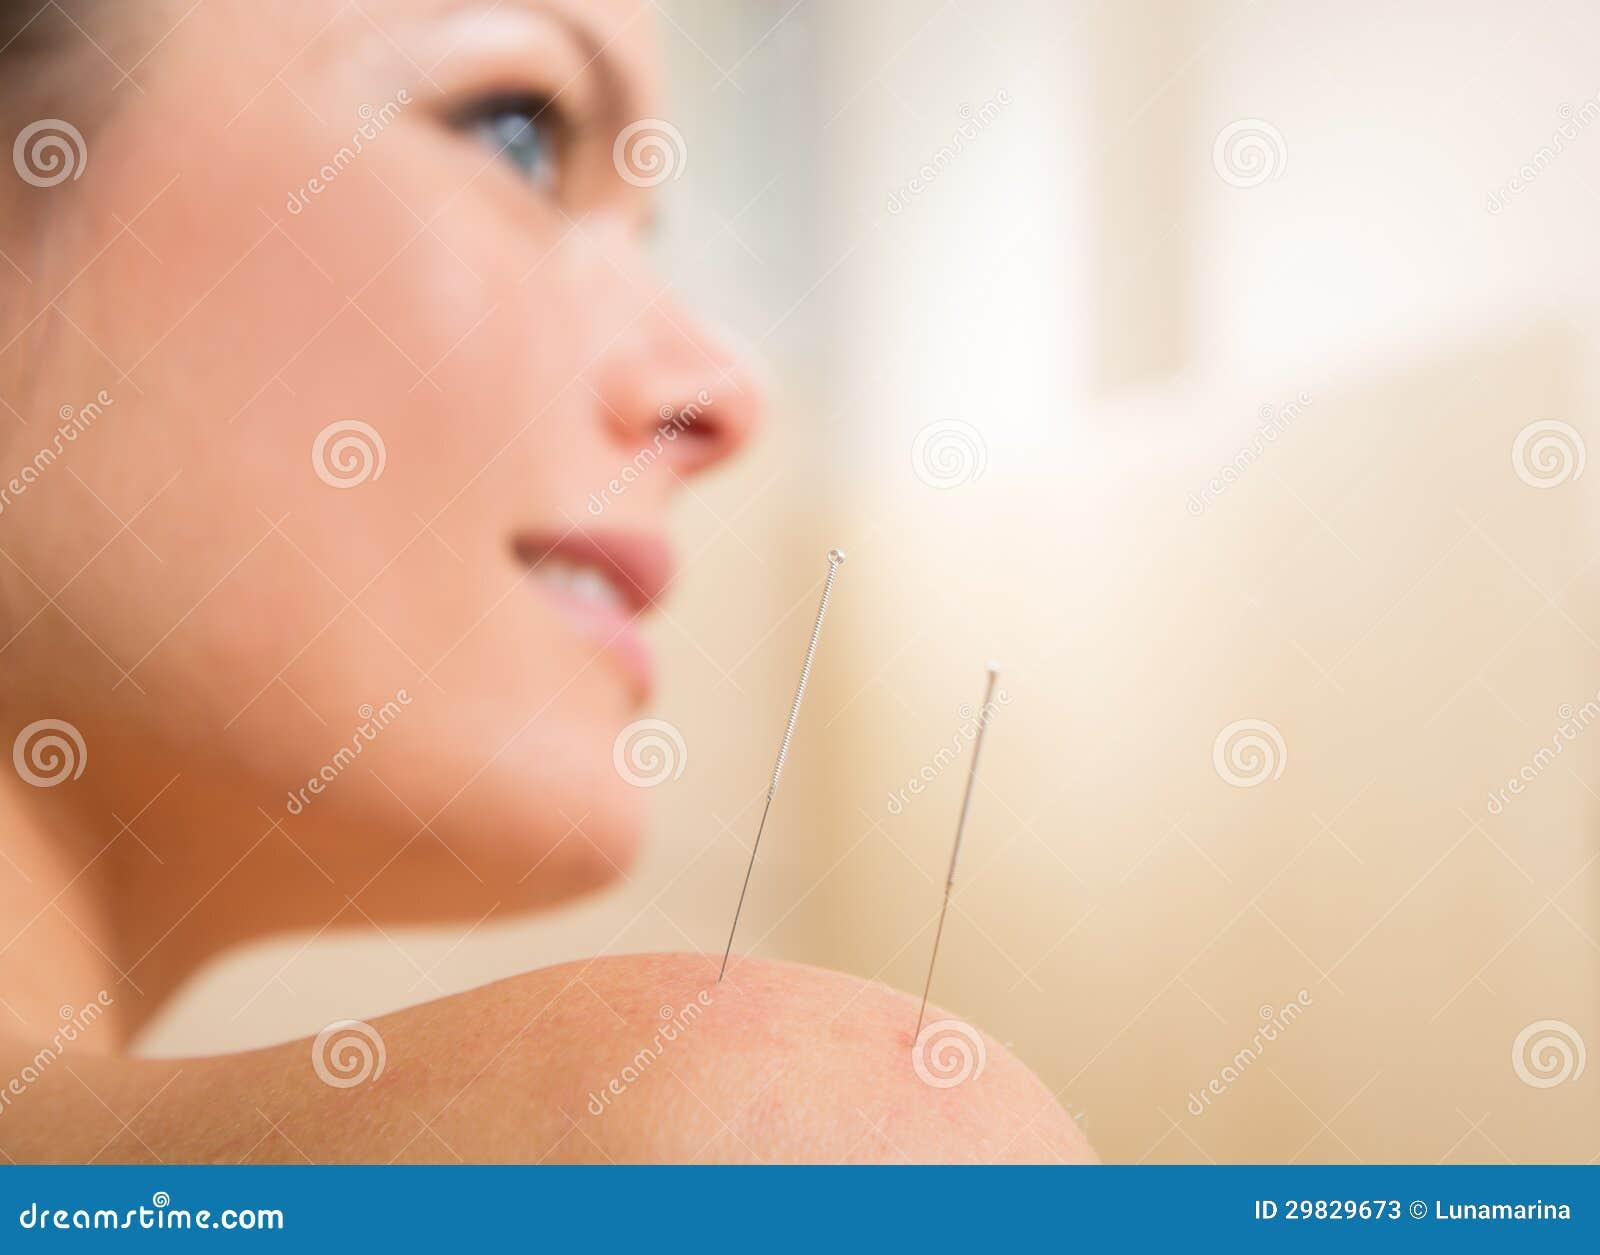 Agulha da acupunctura que pricking no ombro da mulher